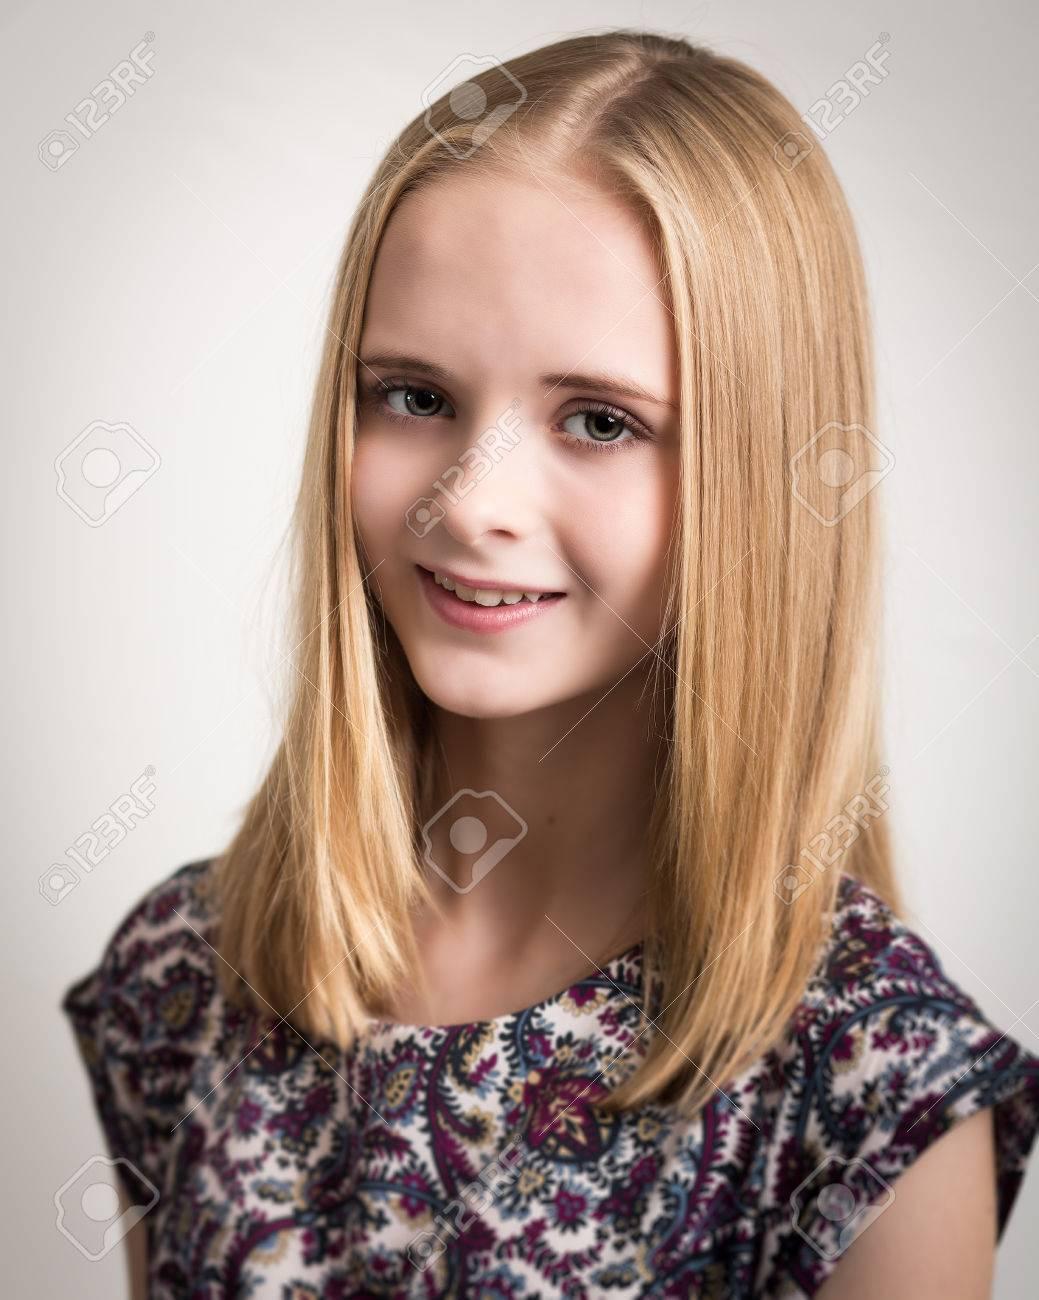 Porträt Einer Schönen Jungen Teenager Mädchen Mit Langen Blonden